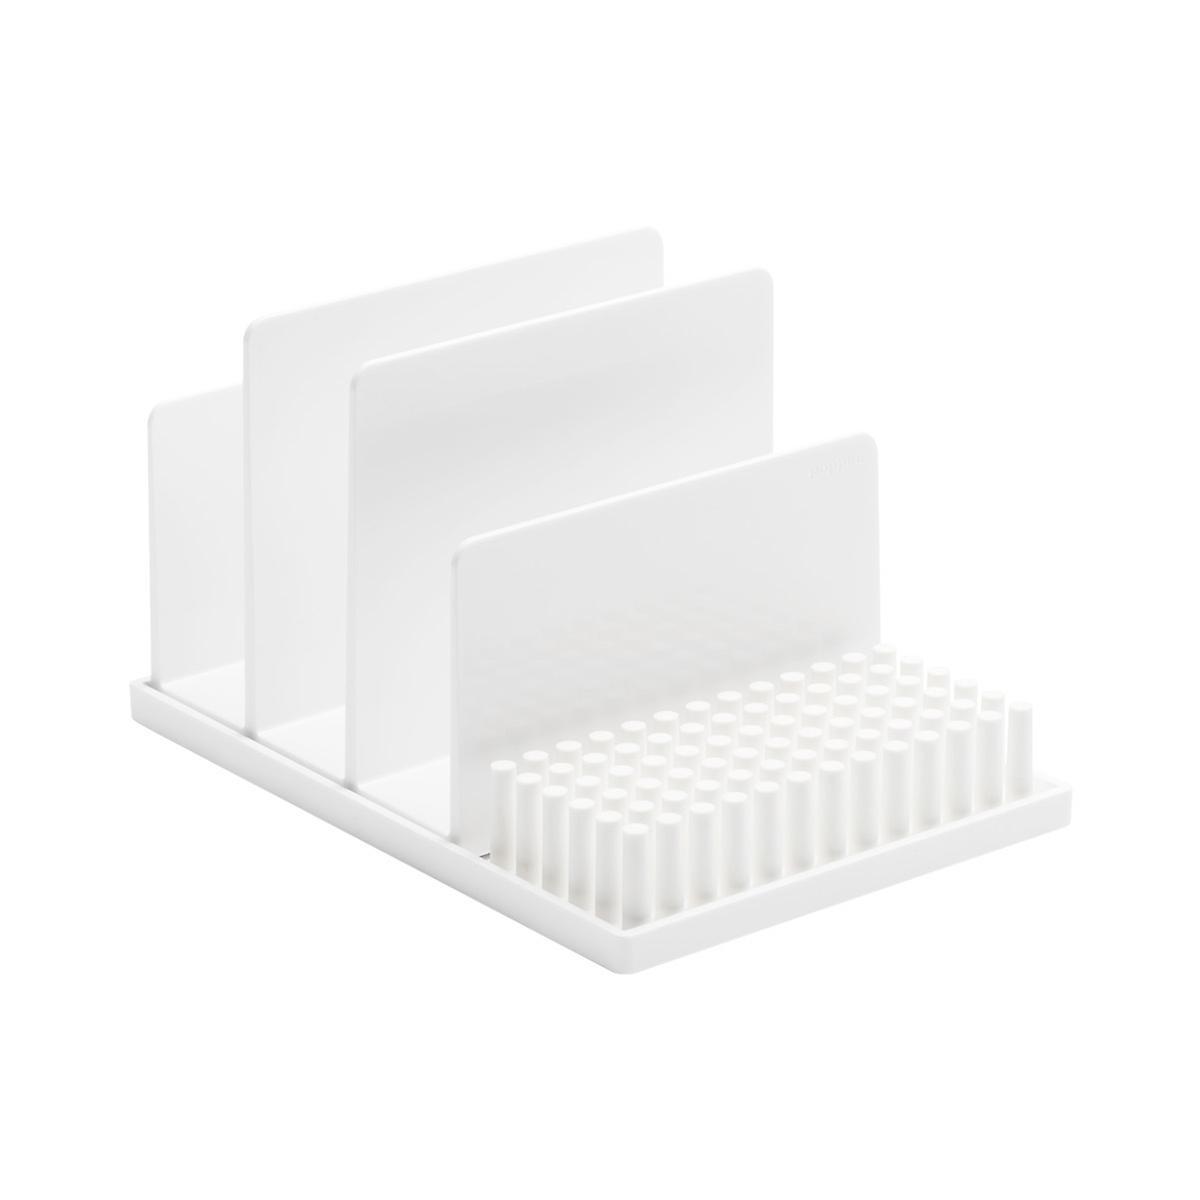 White Poppin File Storage Starter Kit